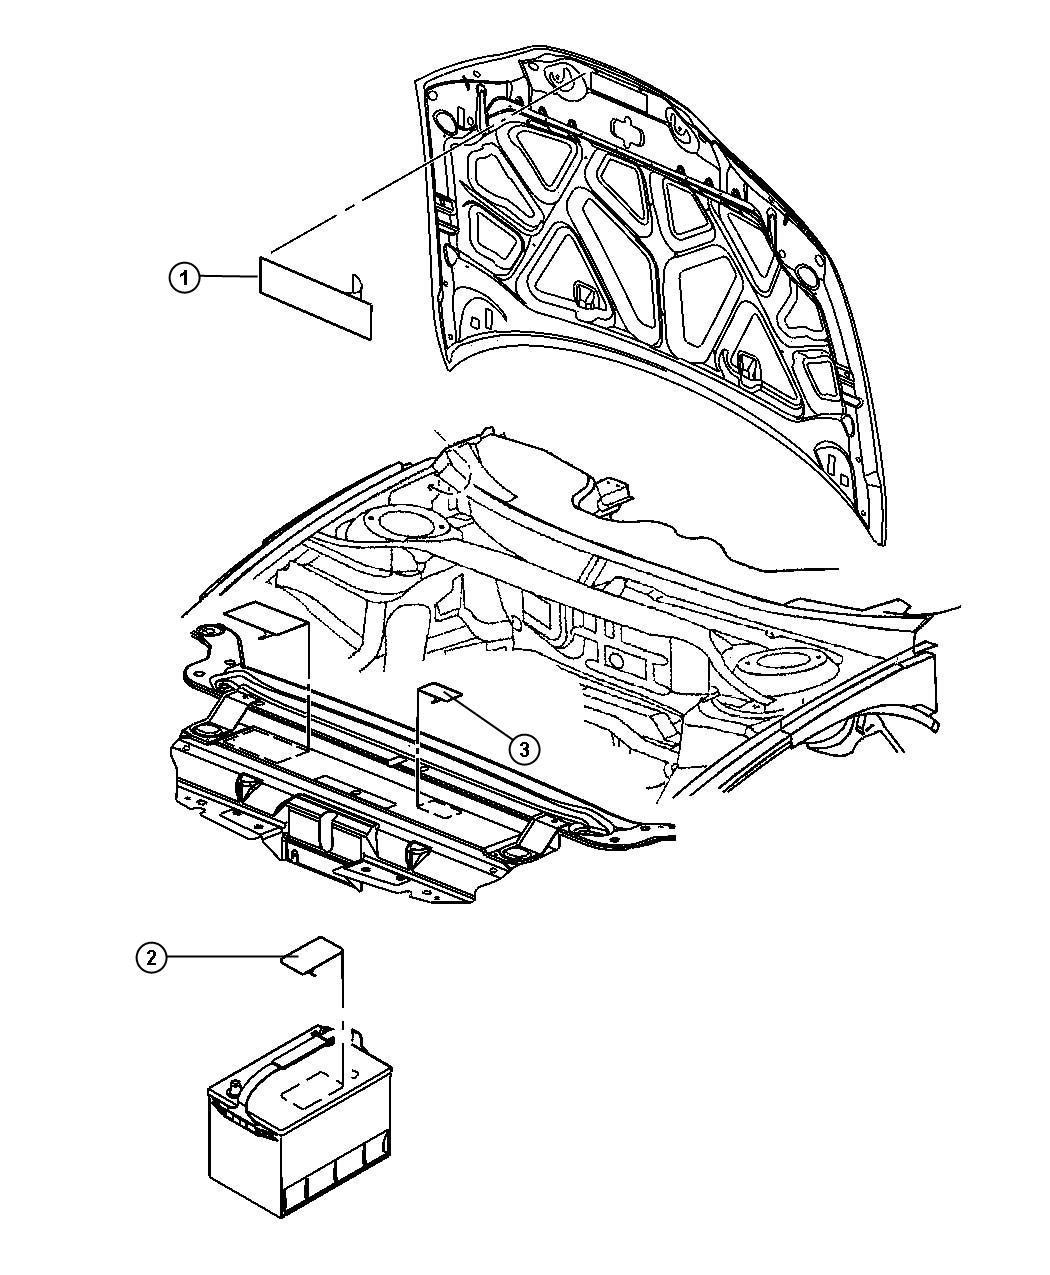 Dodge Challenger Label Veci Label Vehicle Emission